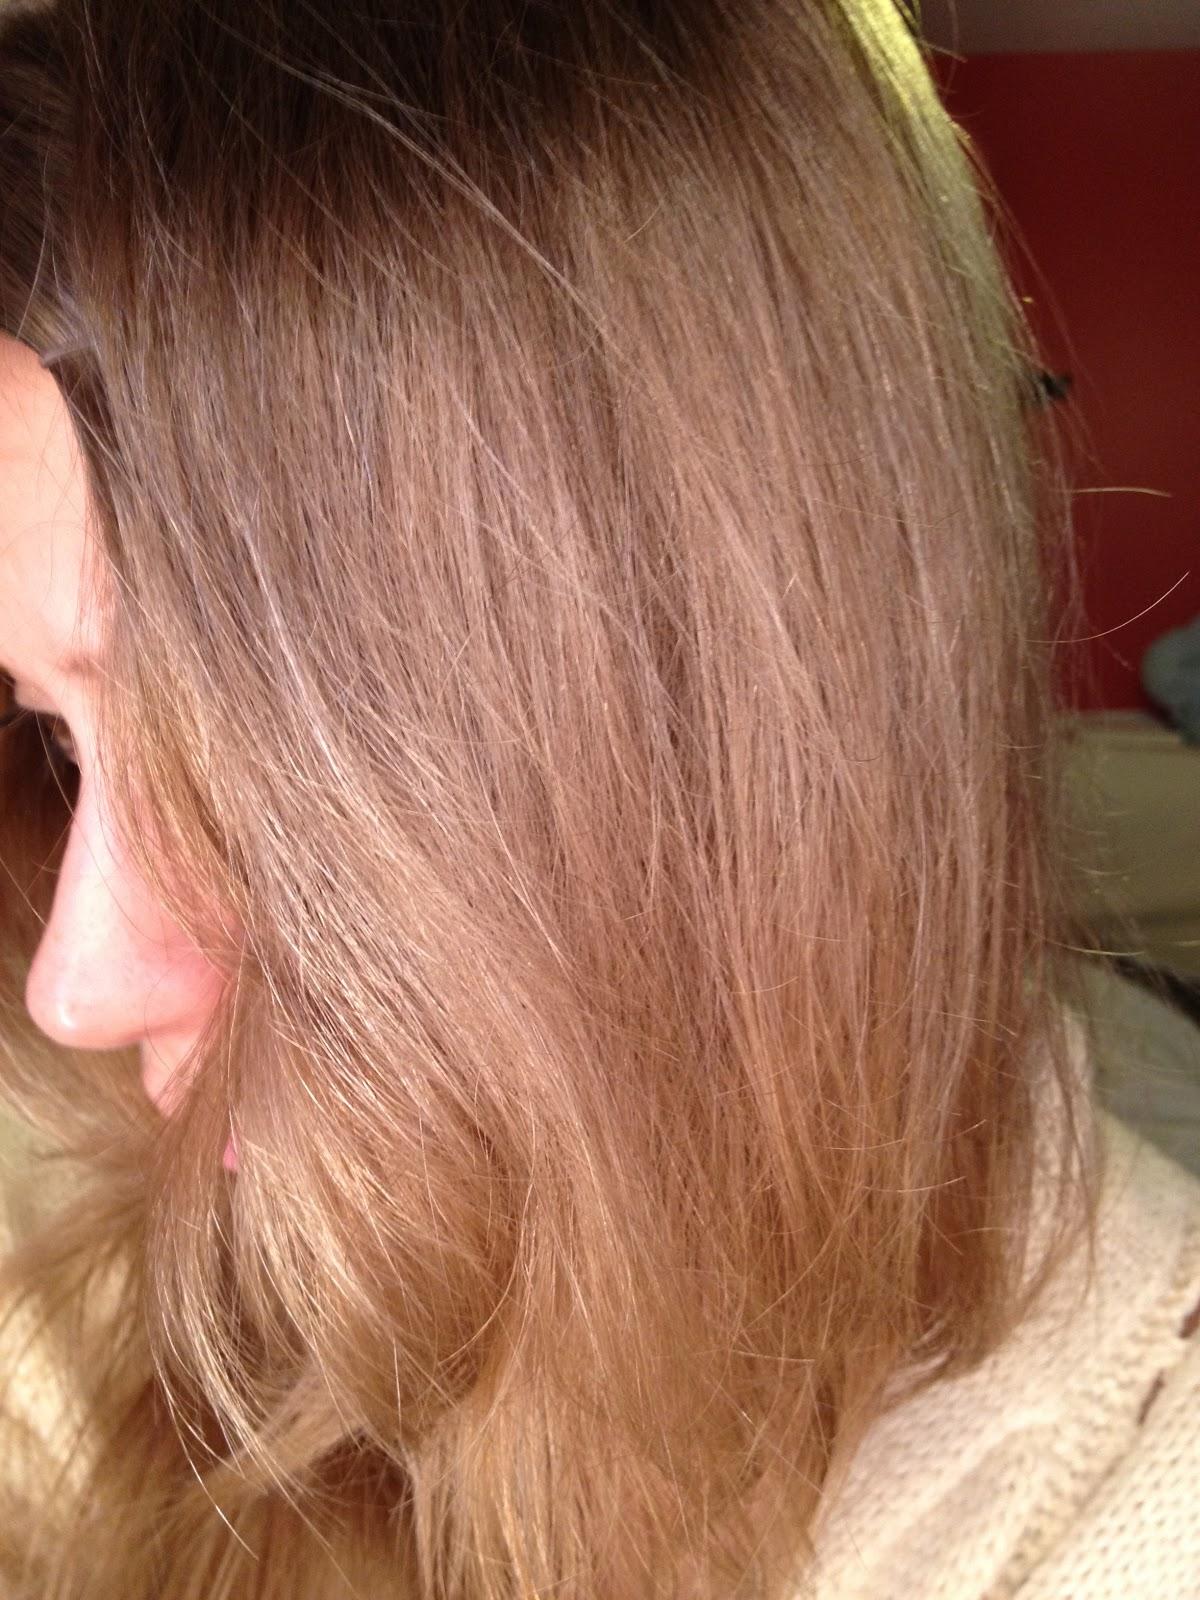 Dark Ash Blonde Hair With Highlights Blonde to dark ash blonde.